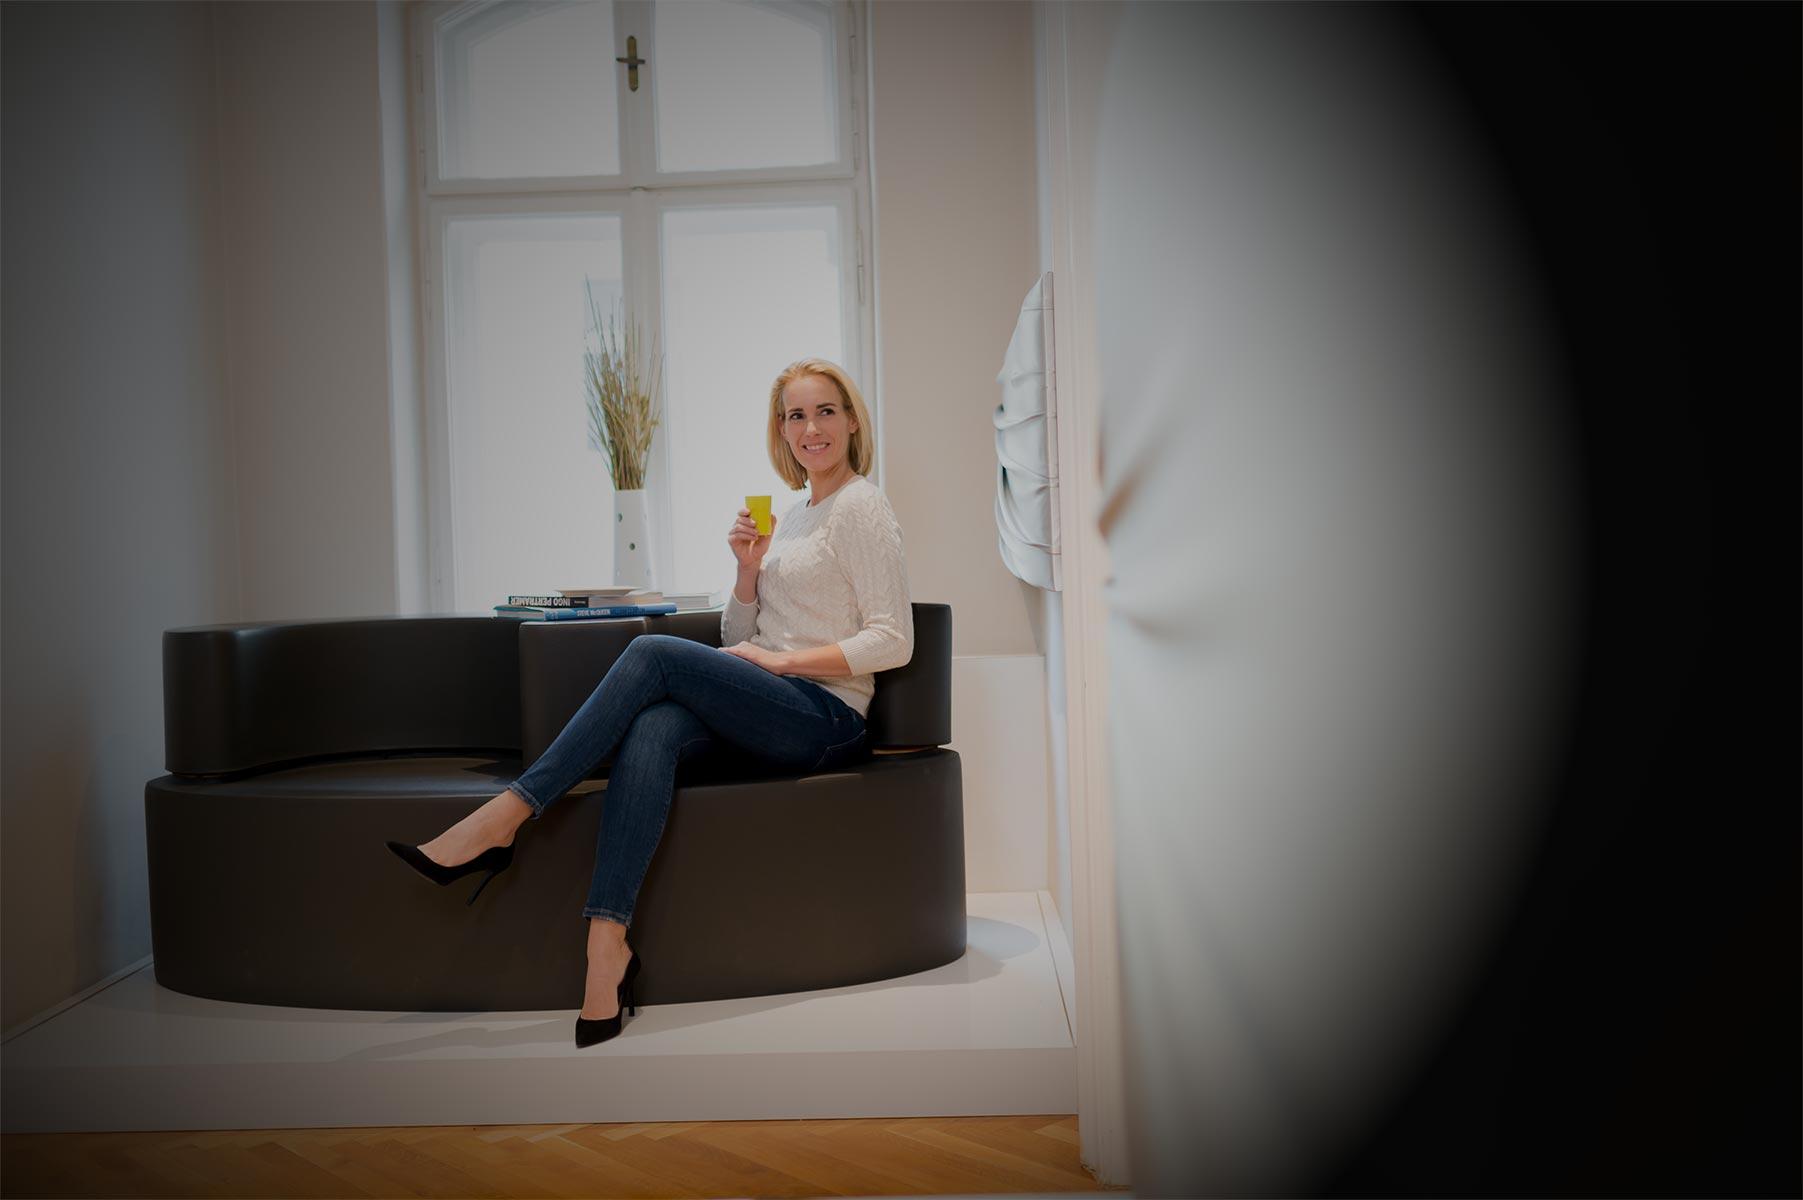 Dr. Schuster. Ihr Ästhetikzentrum in Salzburg. Behutsam, still, anders - Plastische Chirurgie ohne Skalpell